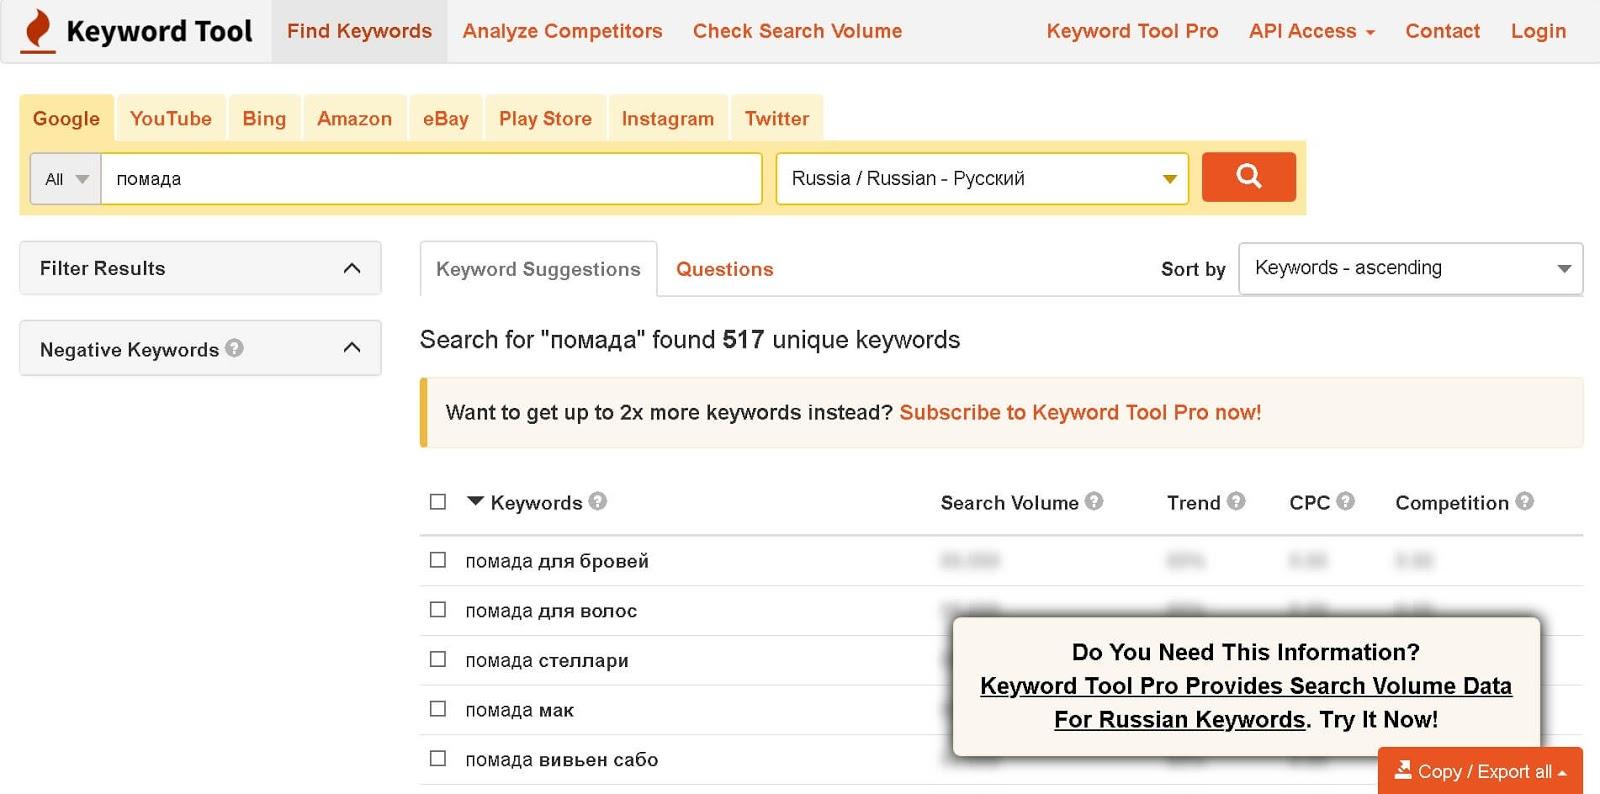 kak-provesti-issledovanie-klyuchevykh-slov-keyword-tool-poisk-po-klyuchevomu-slovu-pomada-1